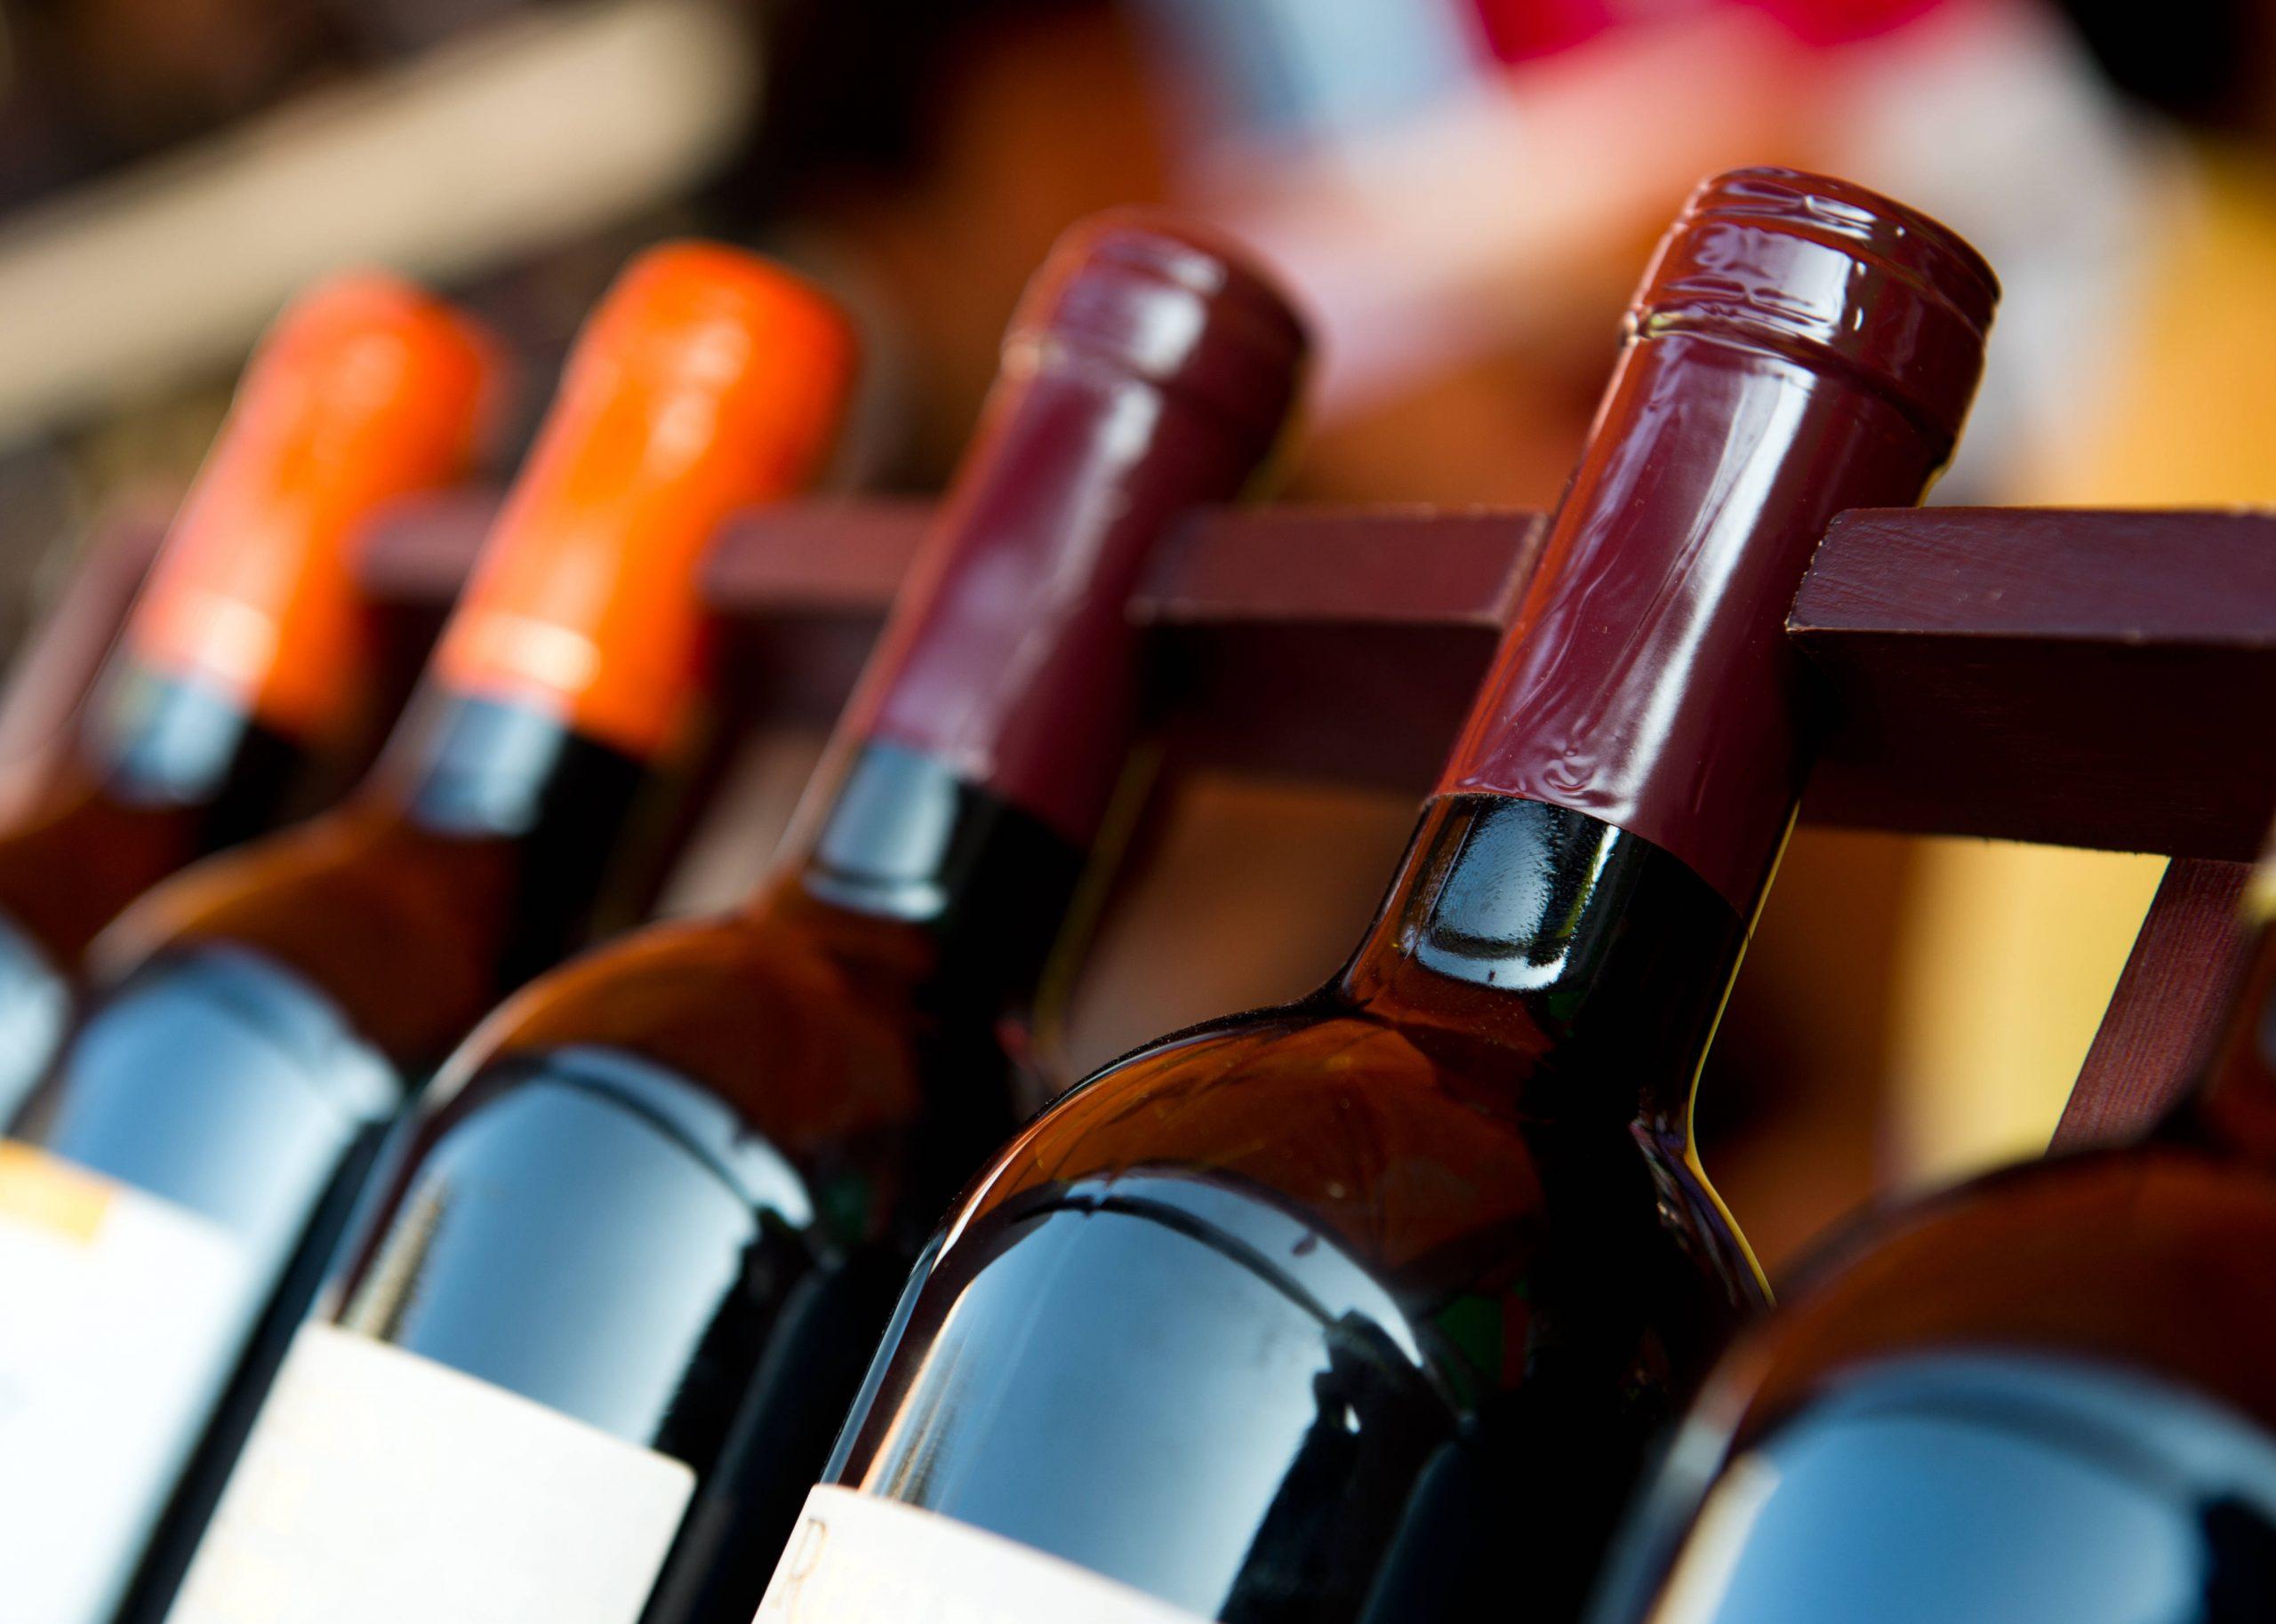 Una vinoteca, ideal para destacar y posicionar a nuestros vinos